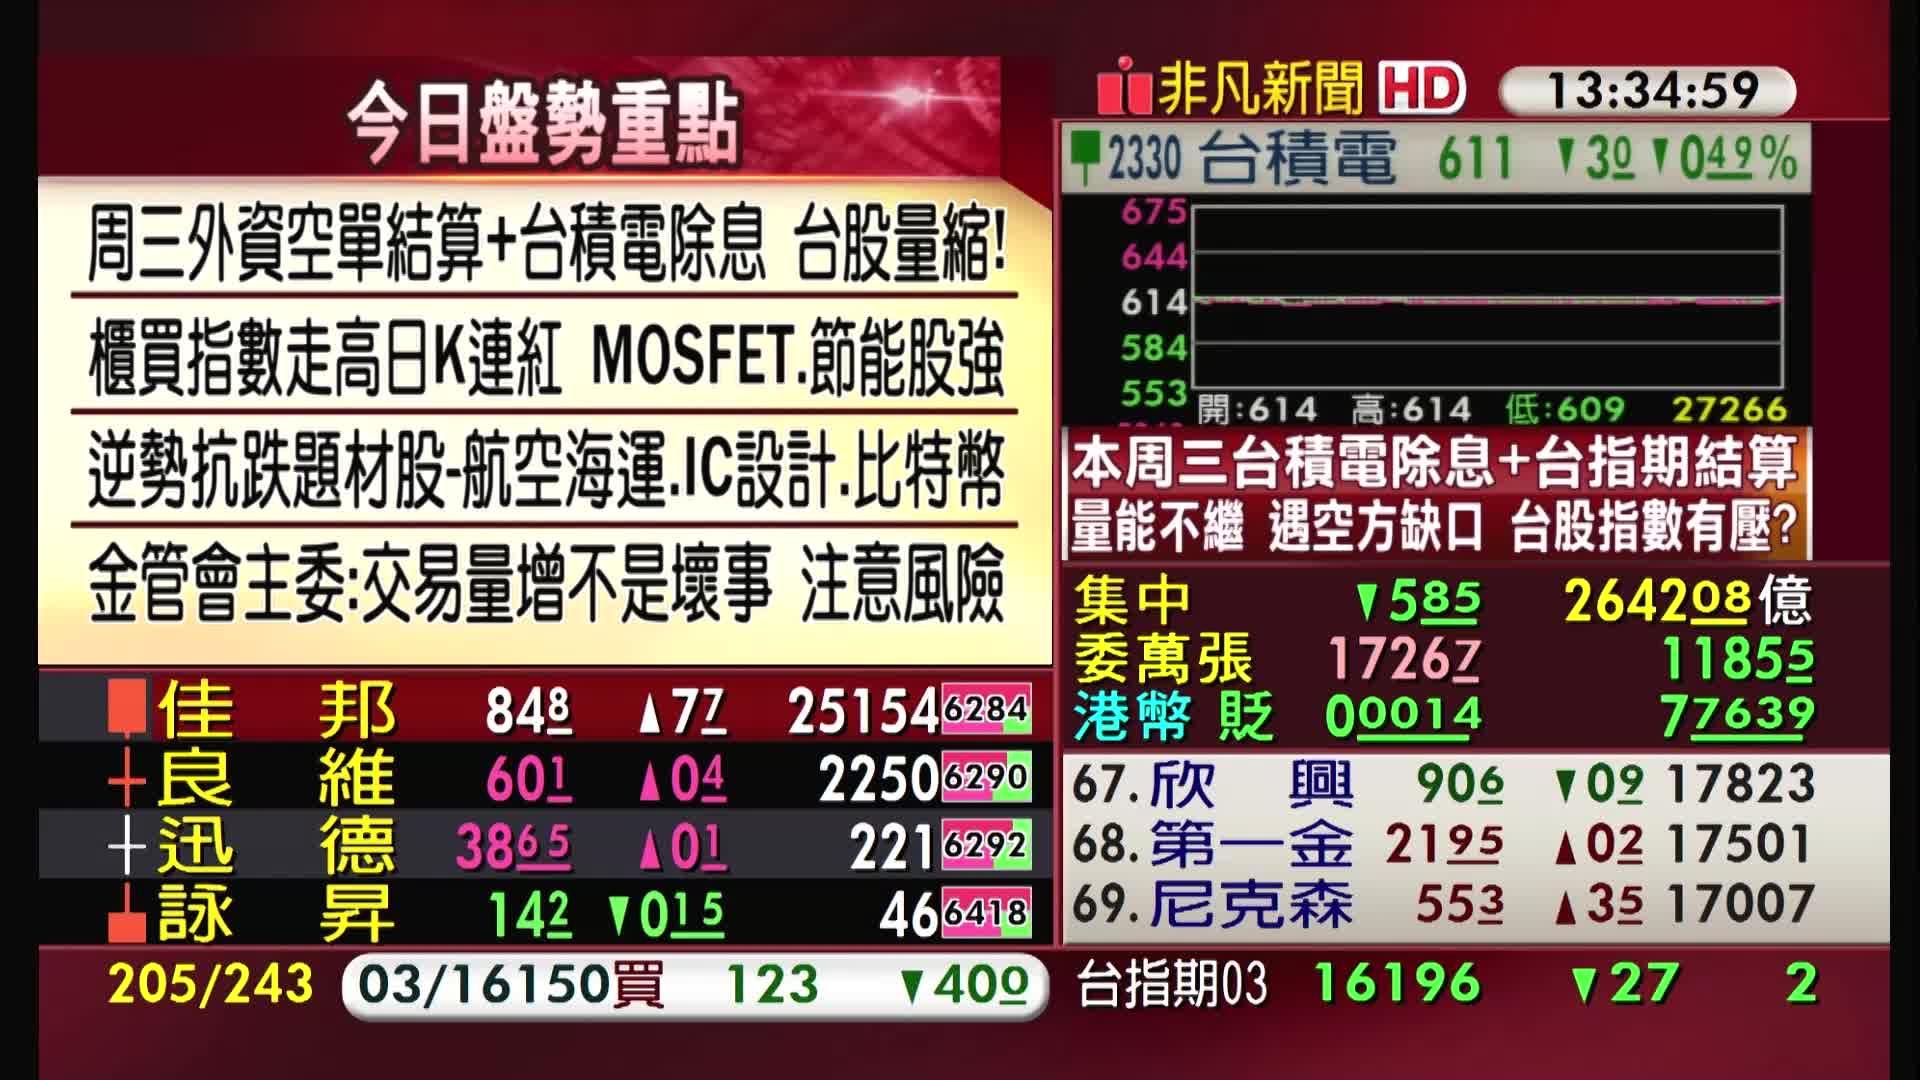 5分鐘看台股/2021/03/15收盤最前線